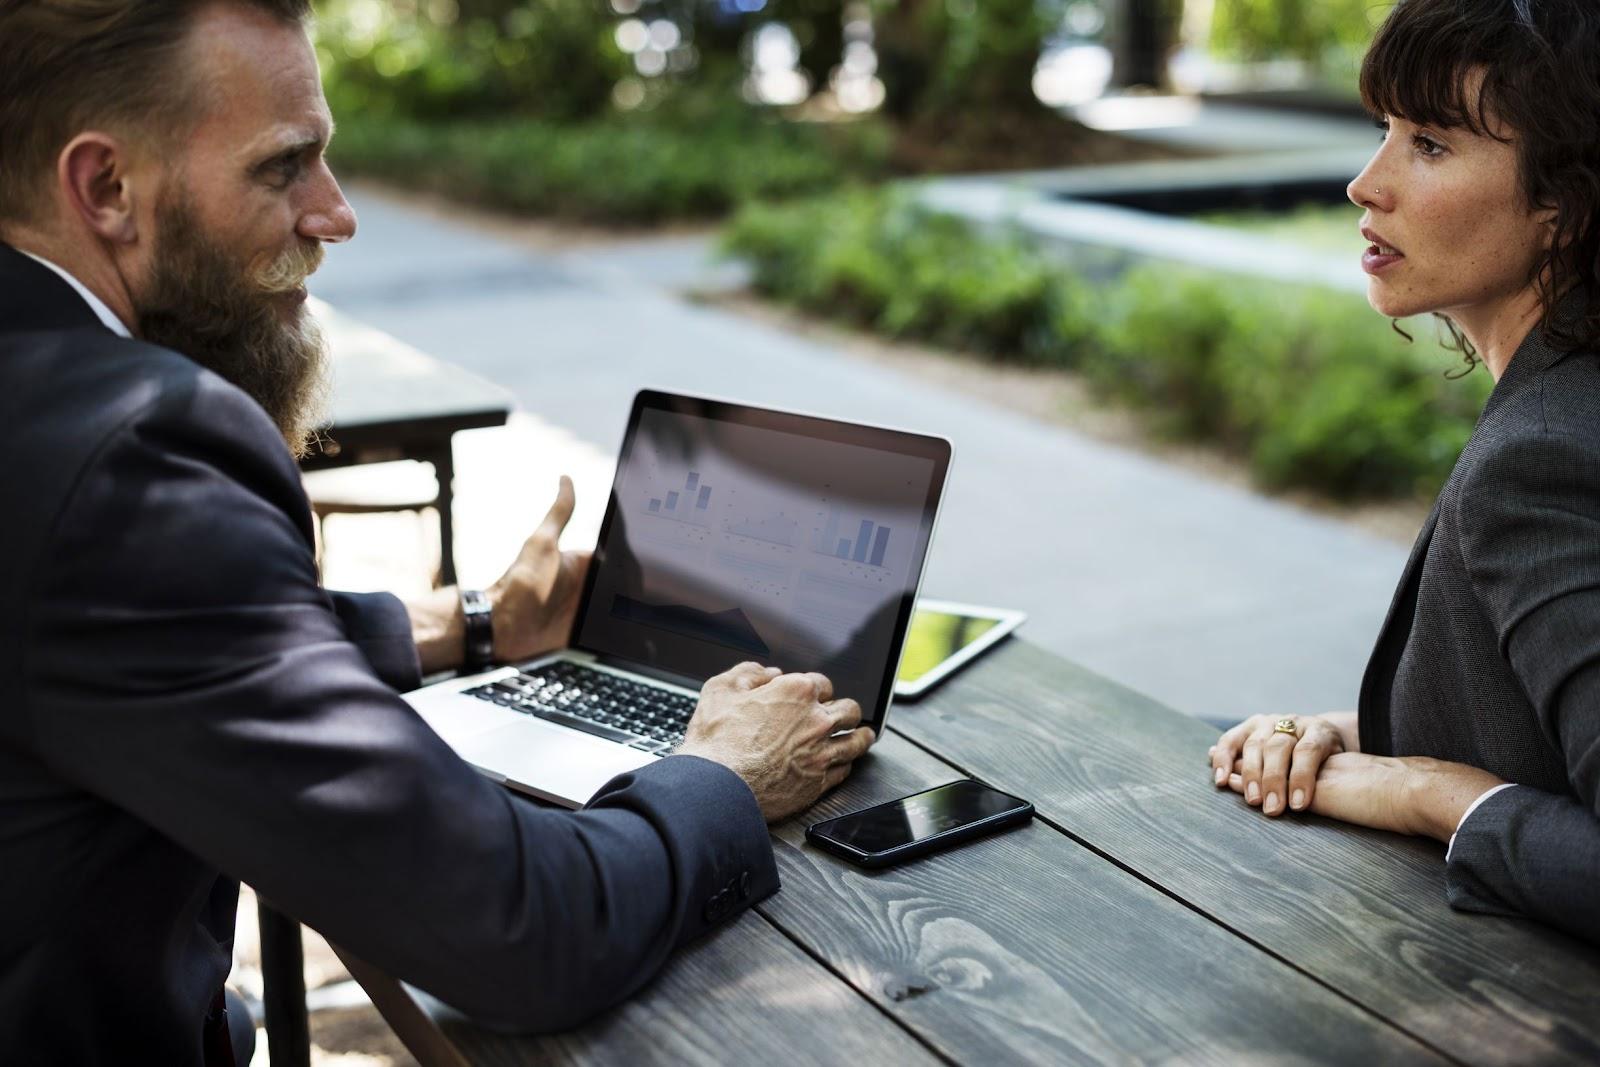 Foto da vista lateral de um homem e uma mulher do universo business trocando informações em uma praça de maneira remote everything utilizando SDN.